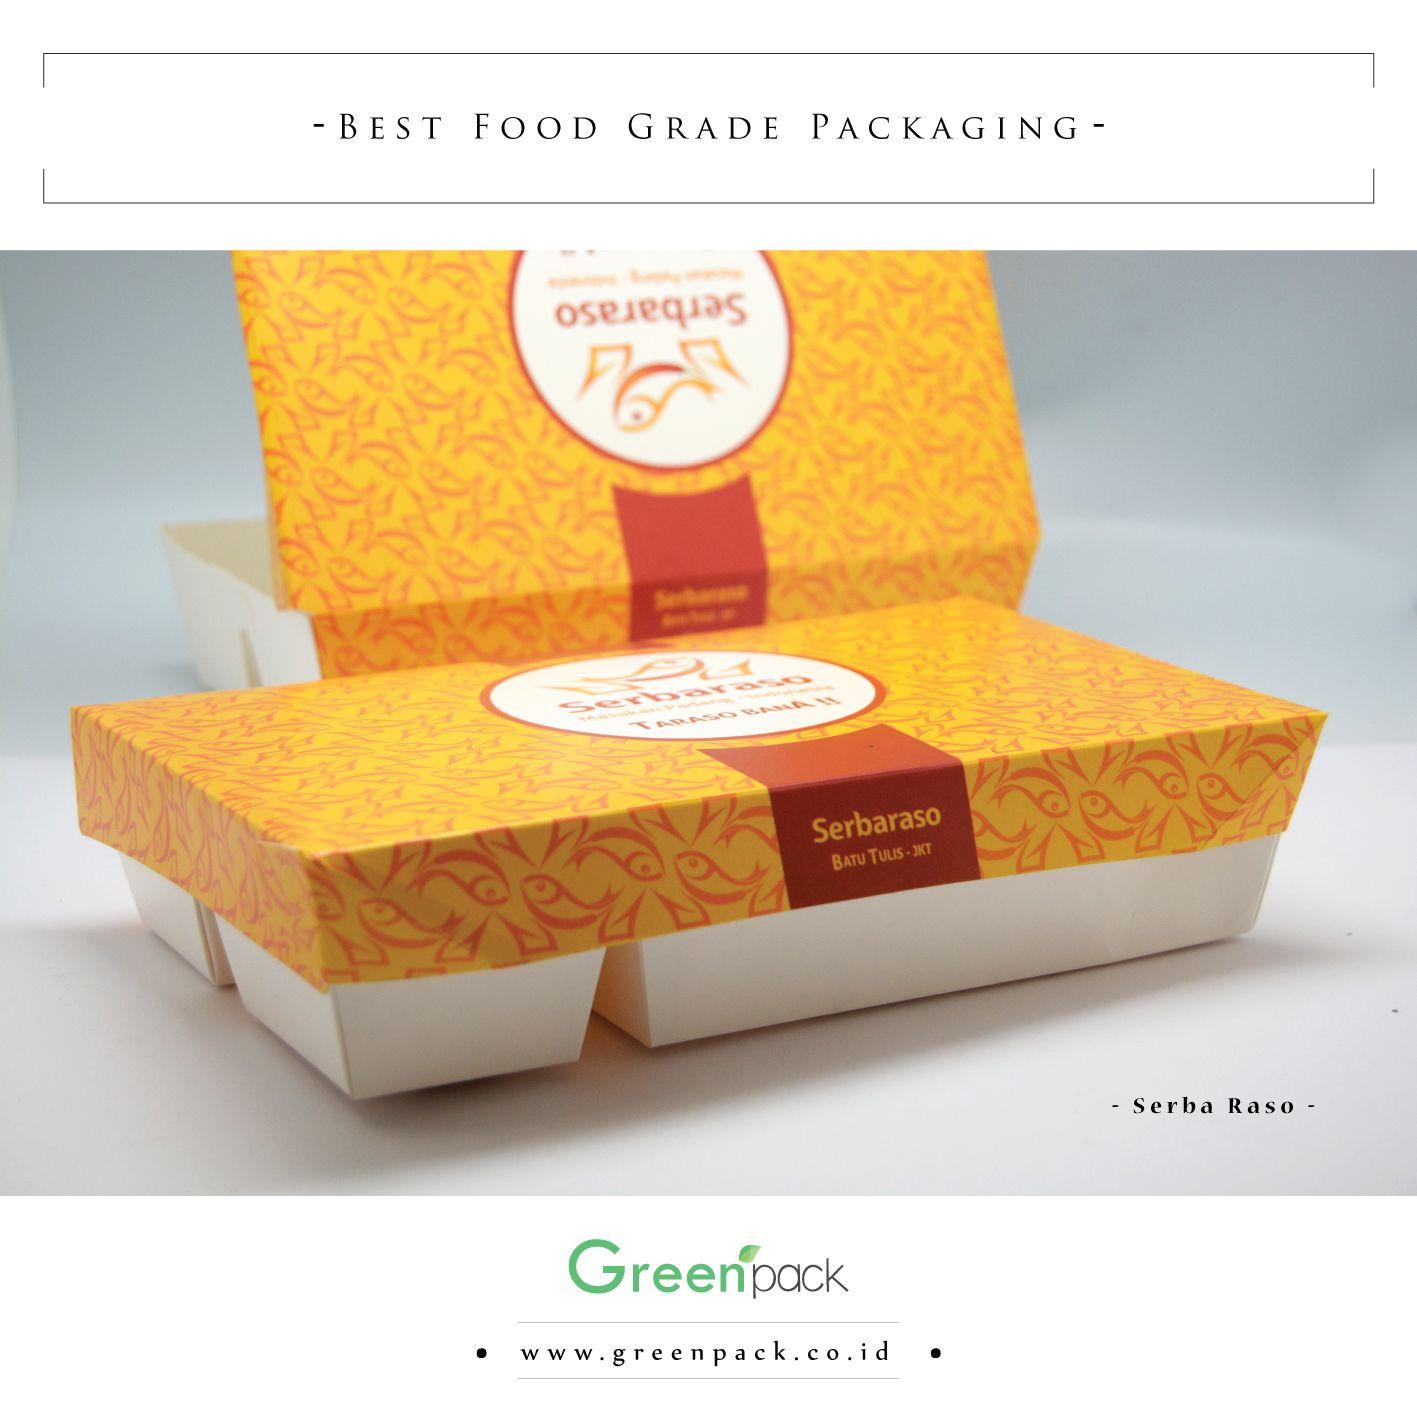 Packaging Makanan: Dus Makanan Serba Raso Ini Merupakan #Greenpack Tipe 5C